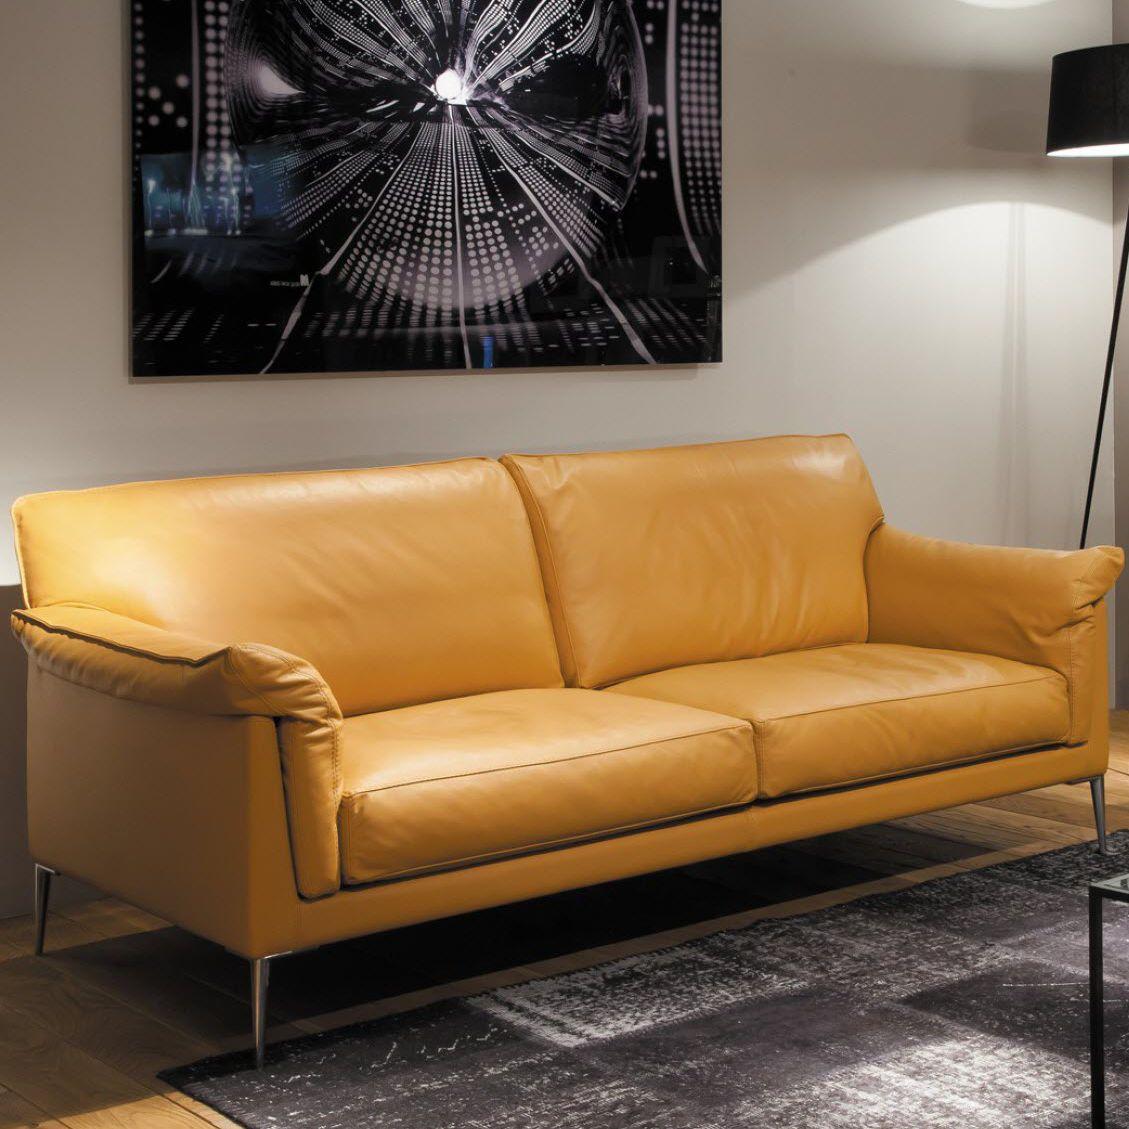 Full Size of 3 2 1 Sofa Set Leder Braun Couch Vintage Gebraucht Ikea Chesterfield Kaufen 2 Sitzer   3 Sitzer Modernes Pltze Helium Duvivier Lounge Garten Spannbezug Langes Sofa Sofa Leder Braun